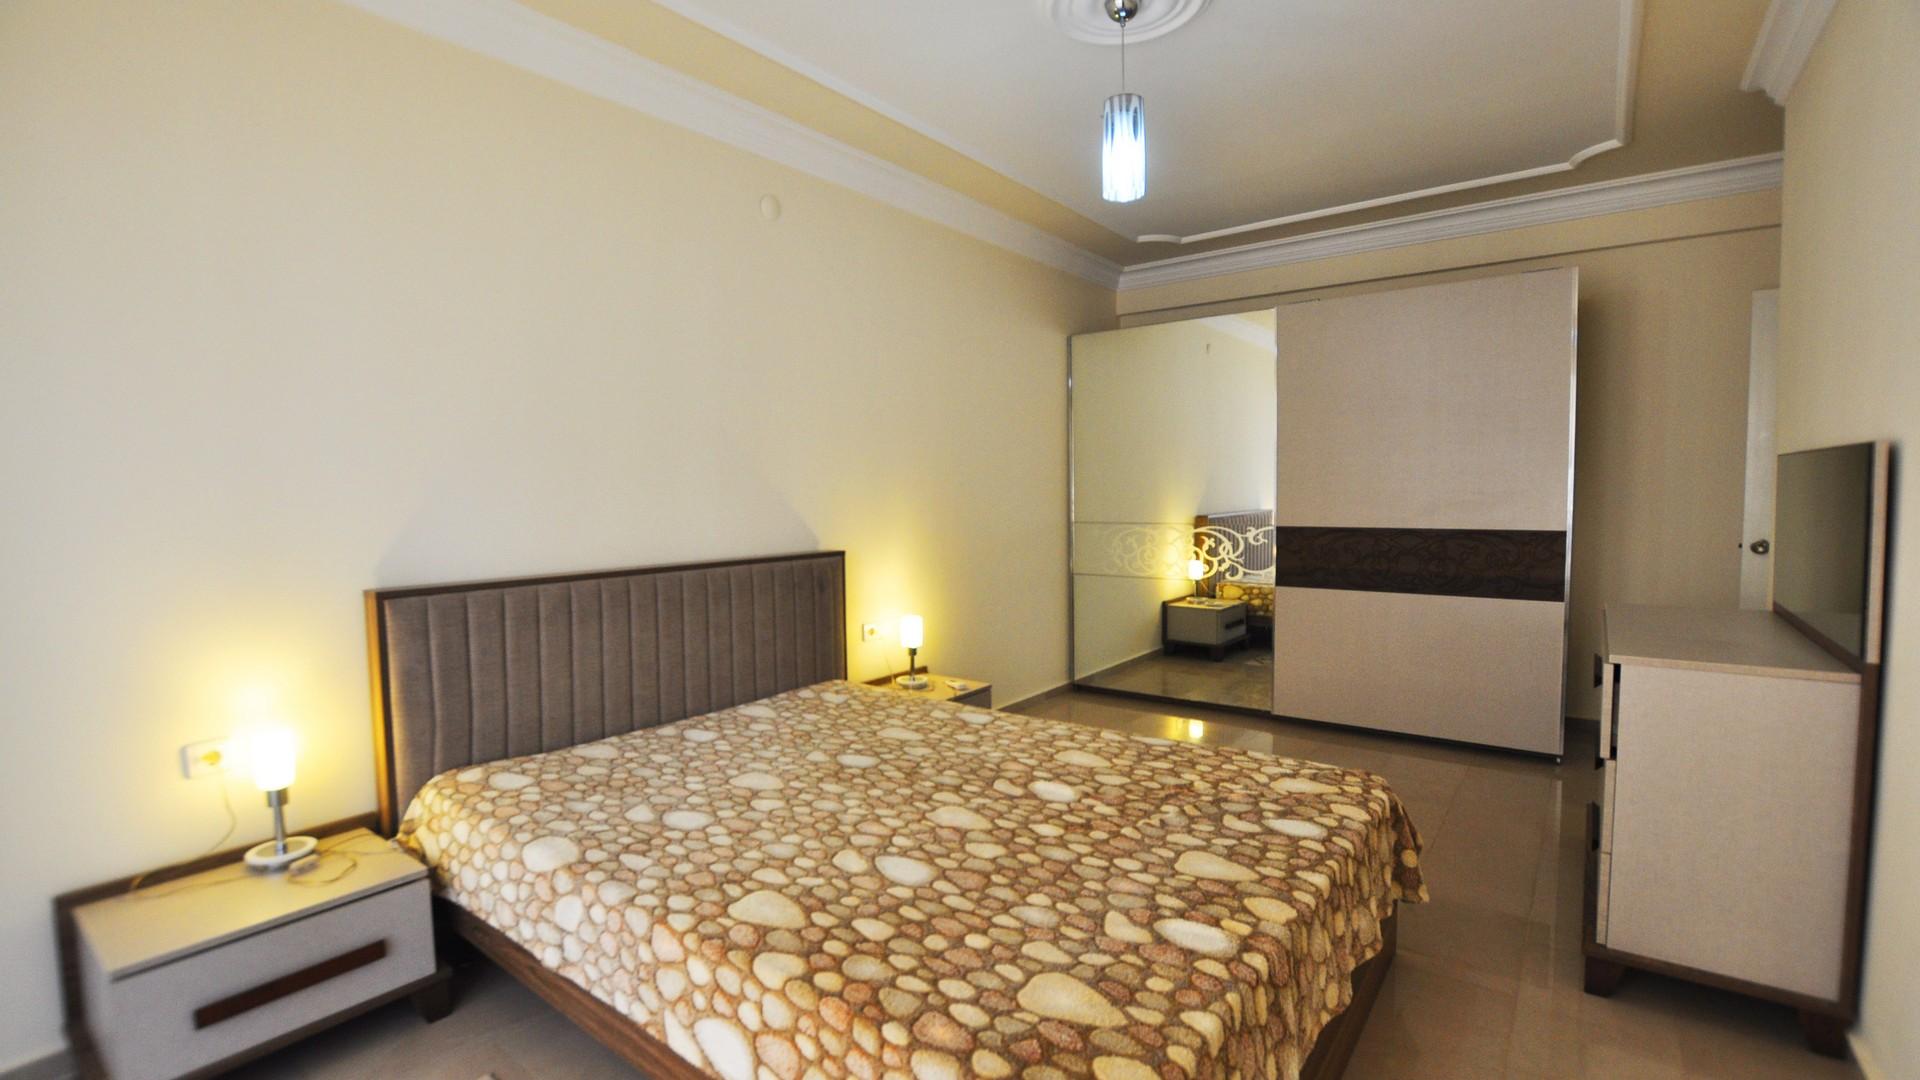 Меблированные апартаменты в Махмутлар - Фото 26